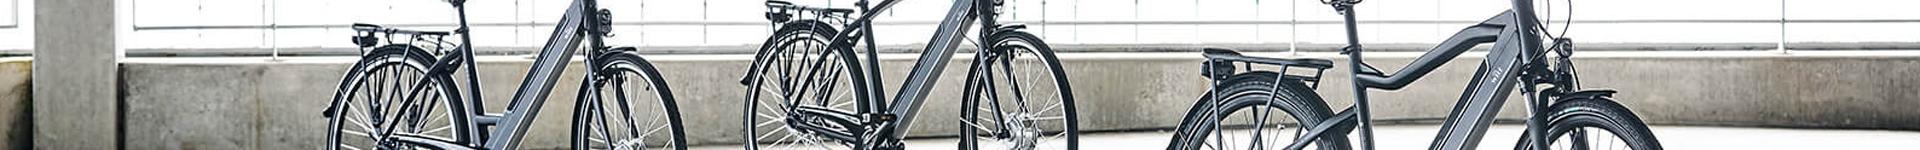 WITT E-bikes